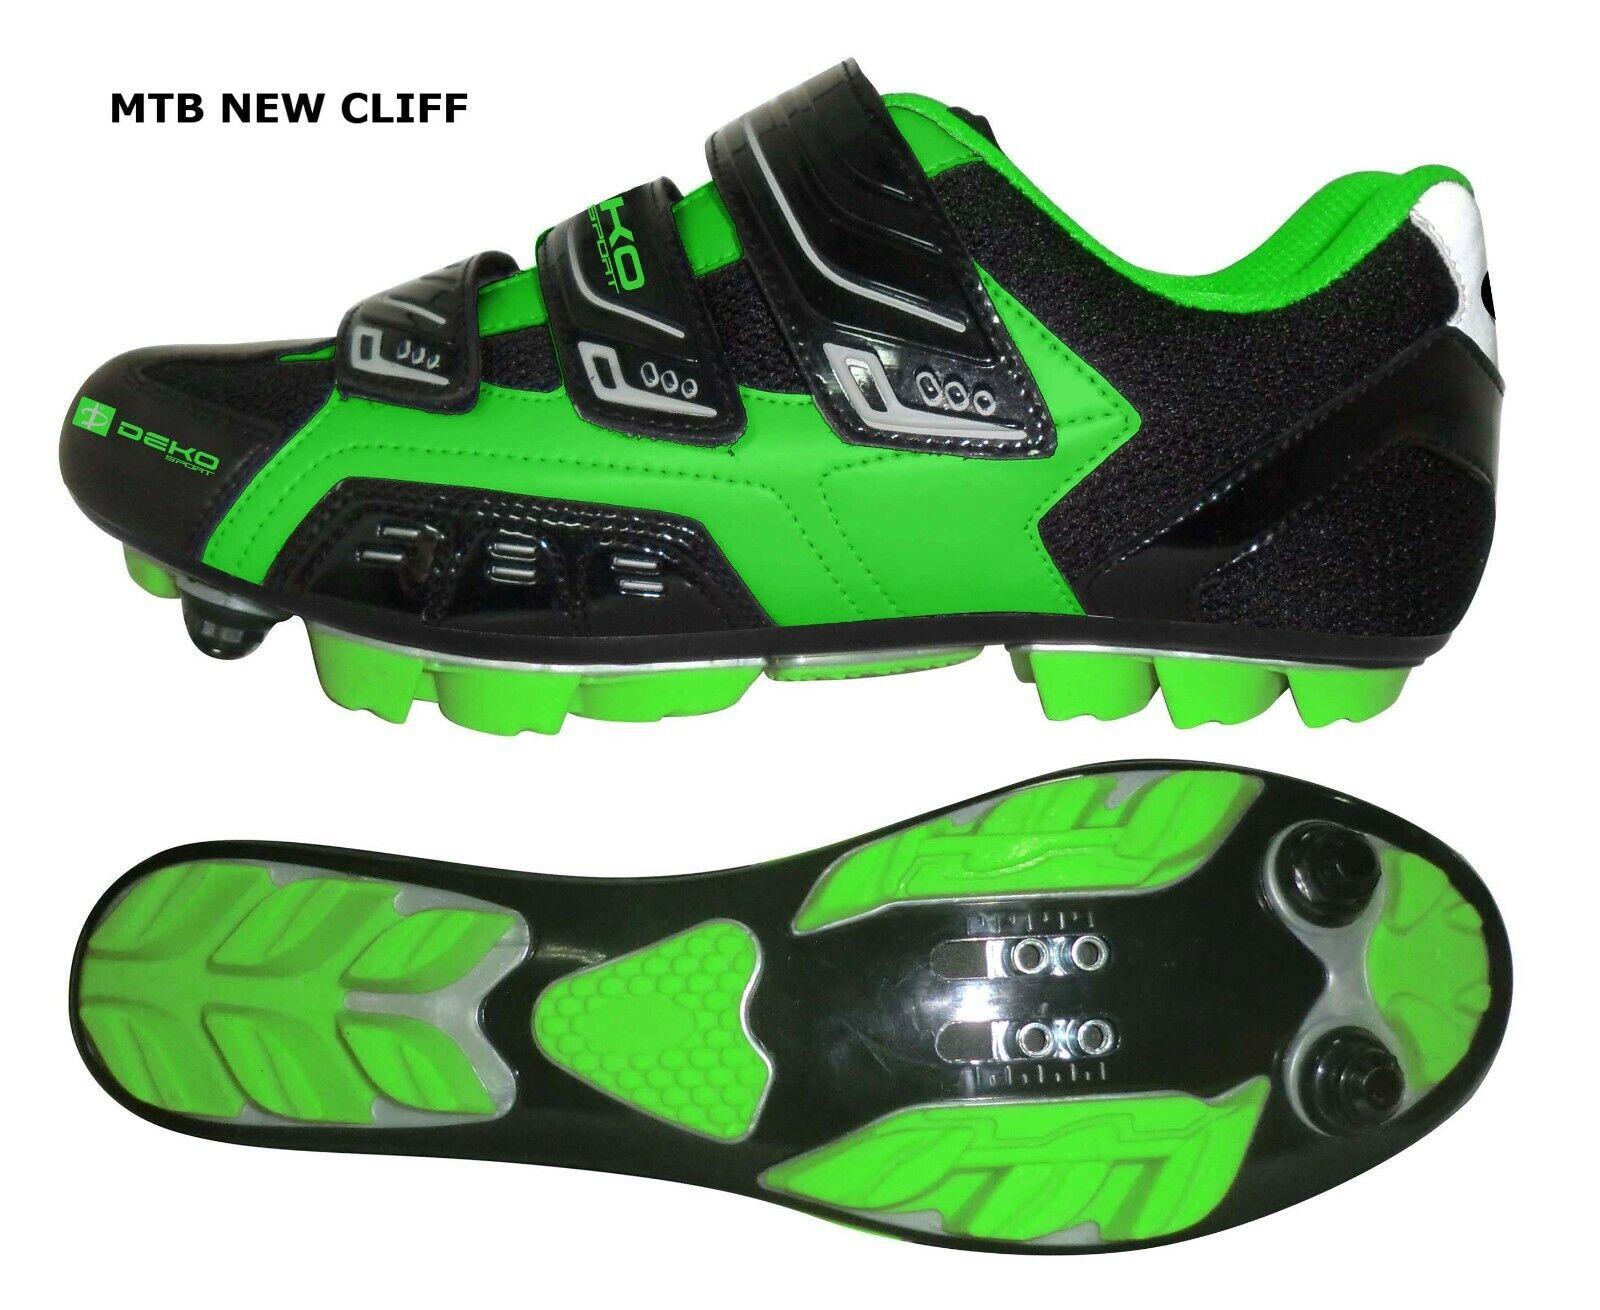 scarpe mtb 46 in vendita Auto e moto: ricambi e accessori